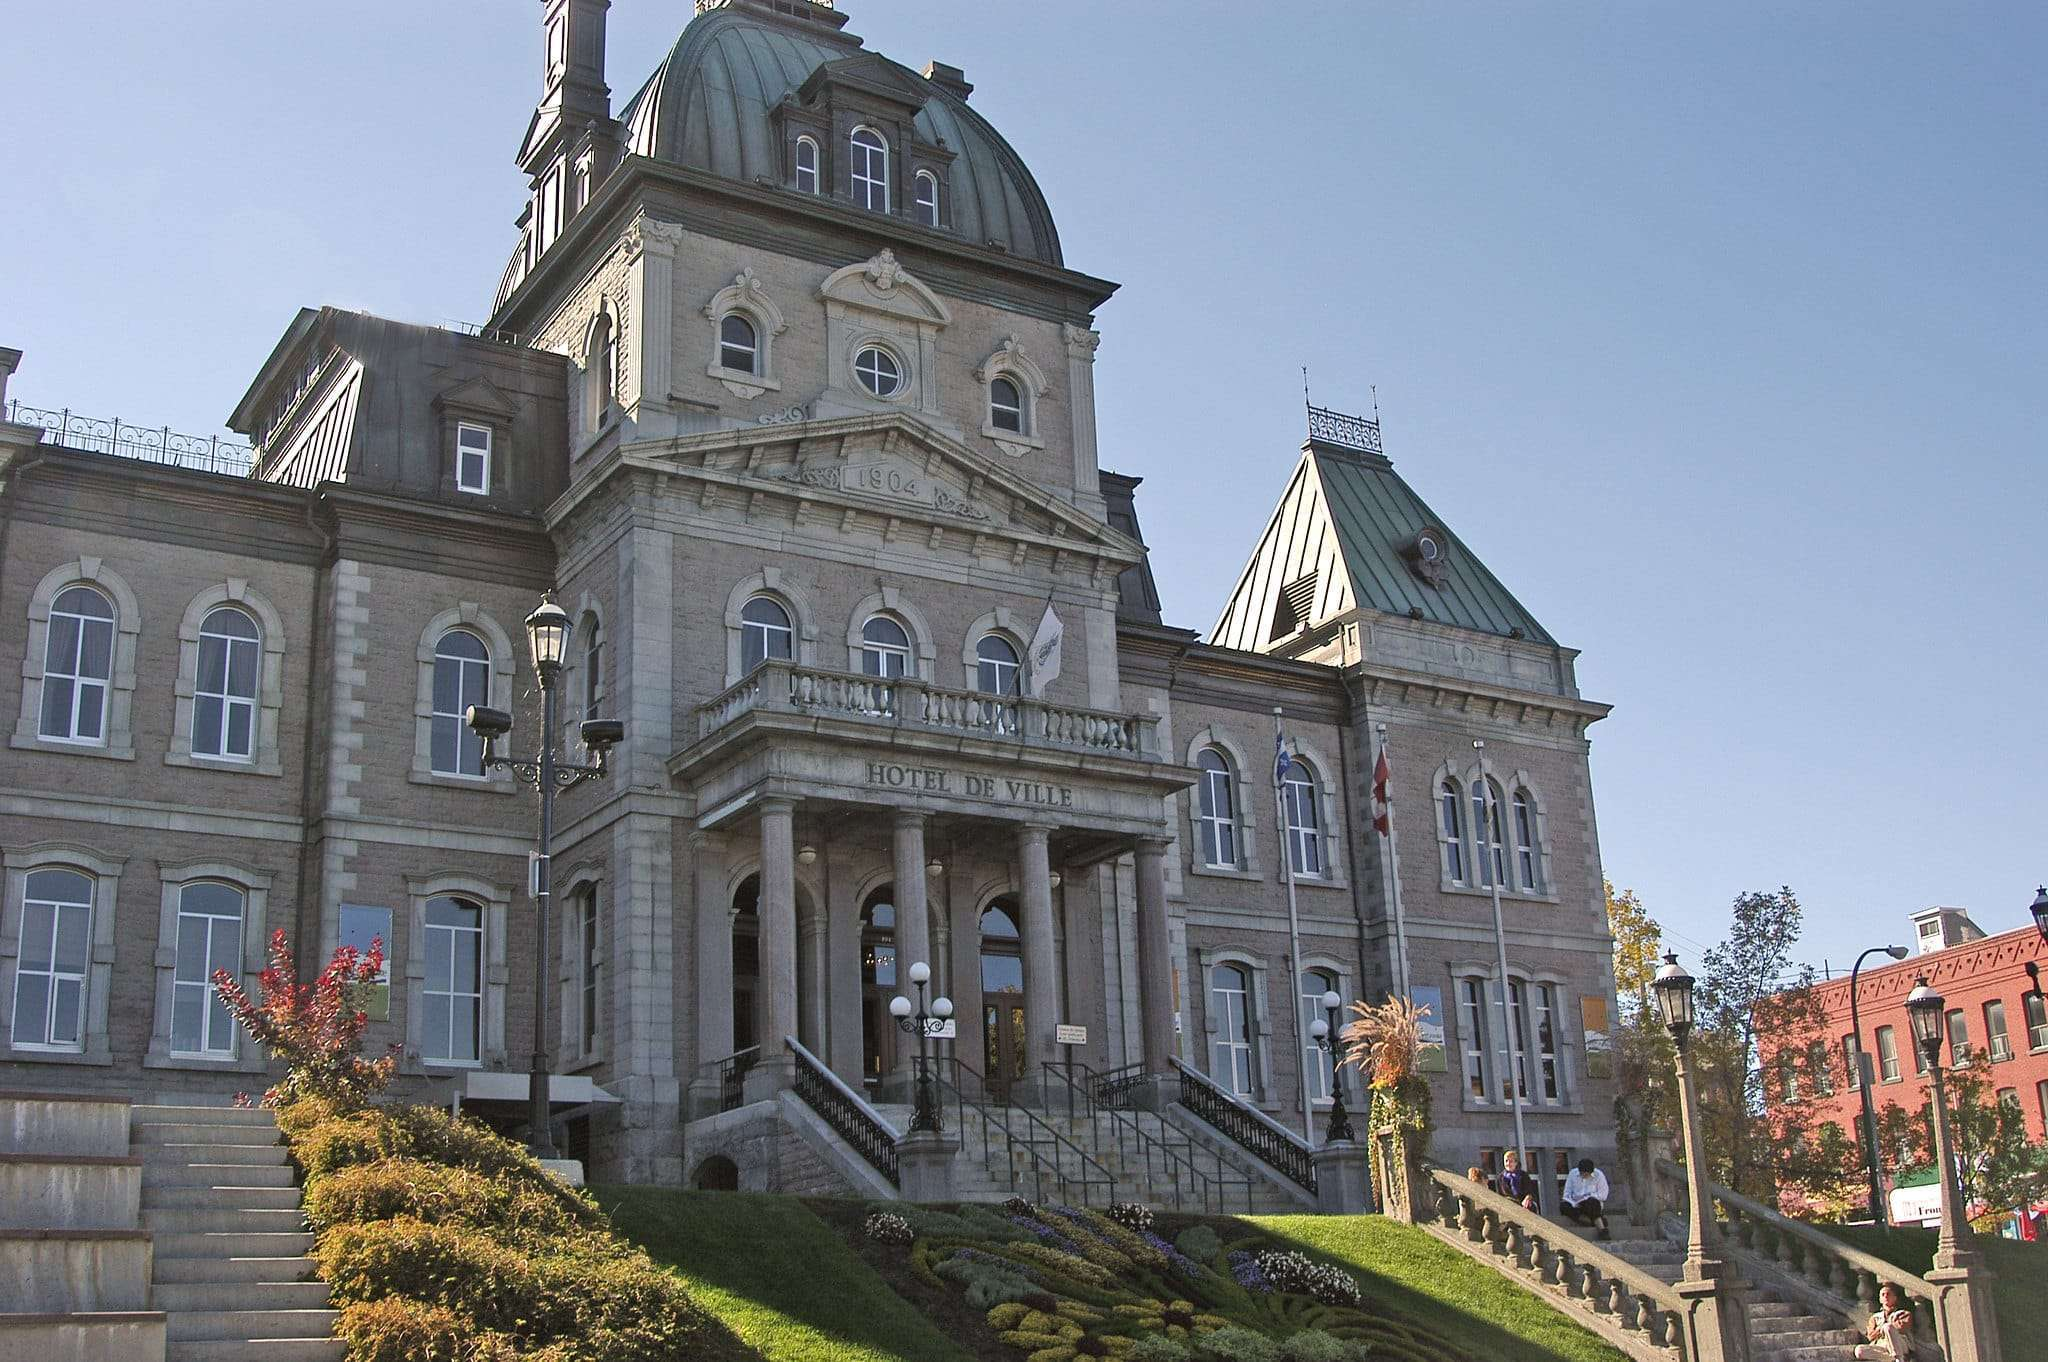 Hôtel de ville de Sherbrooke